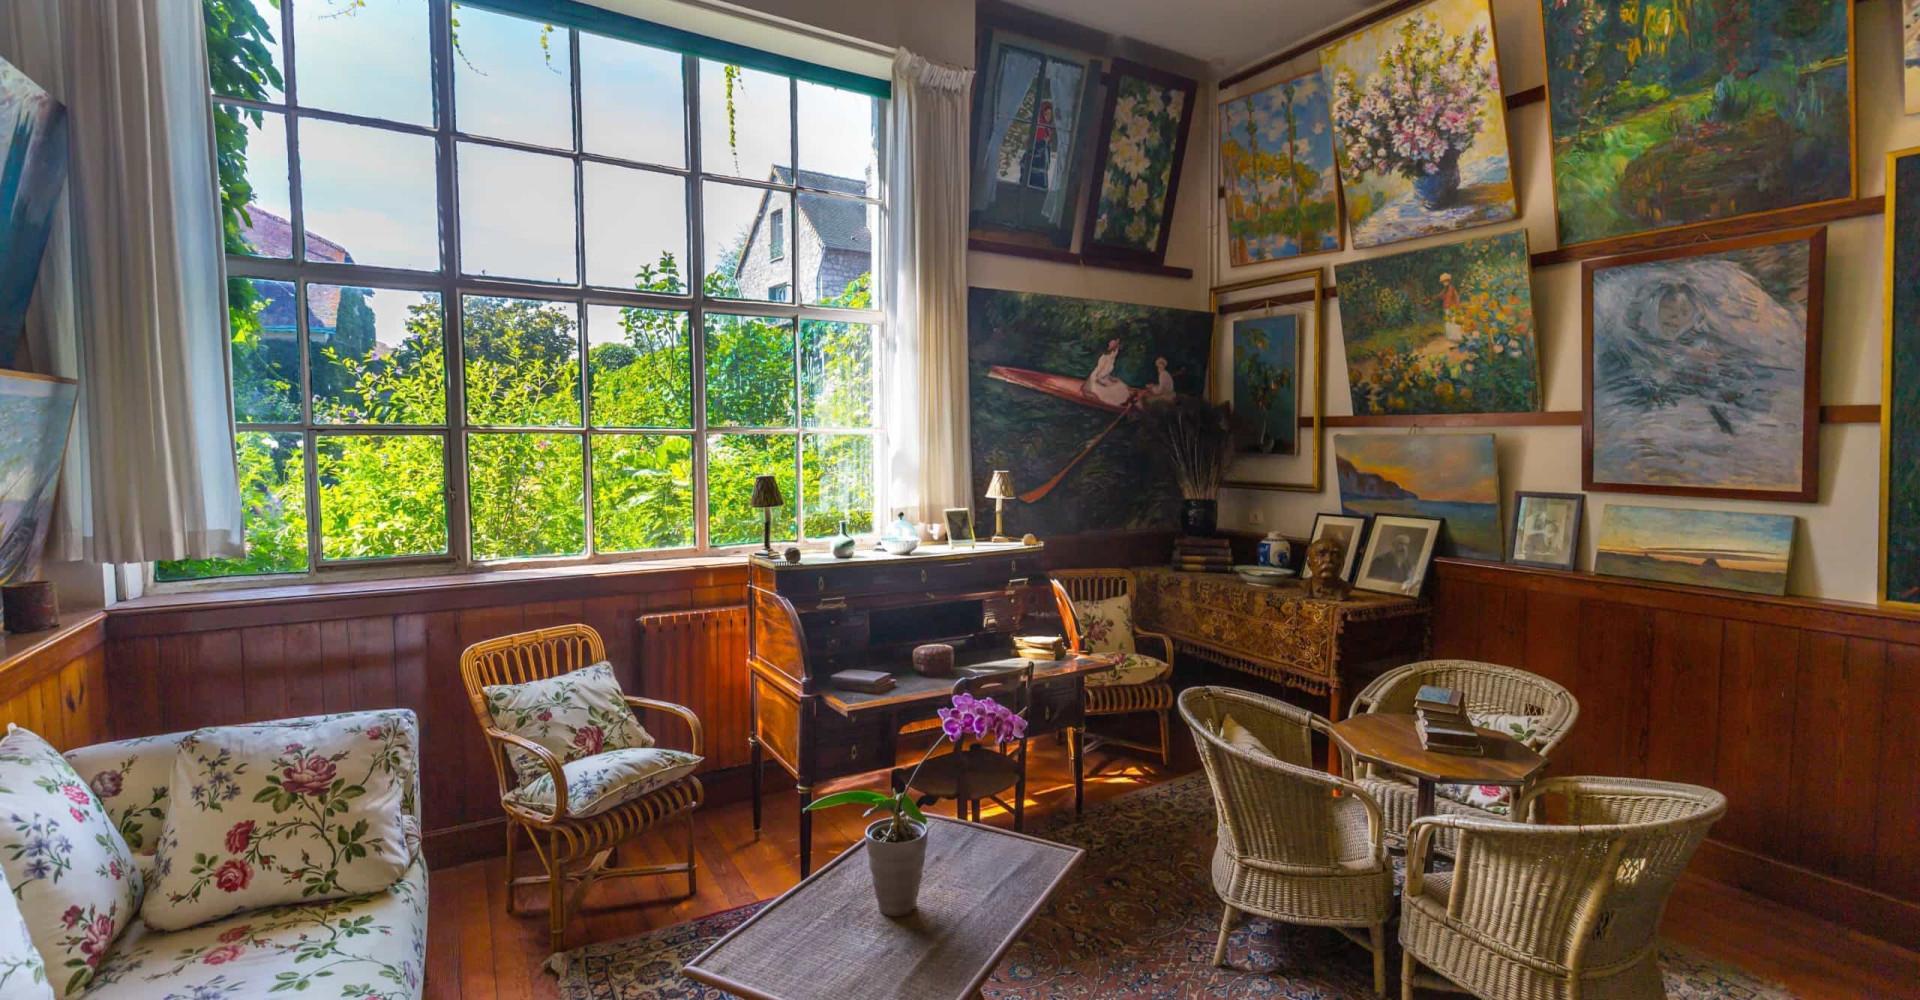 Maisons d'artistes: découvrez où ils ont vécu